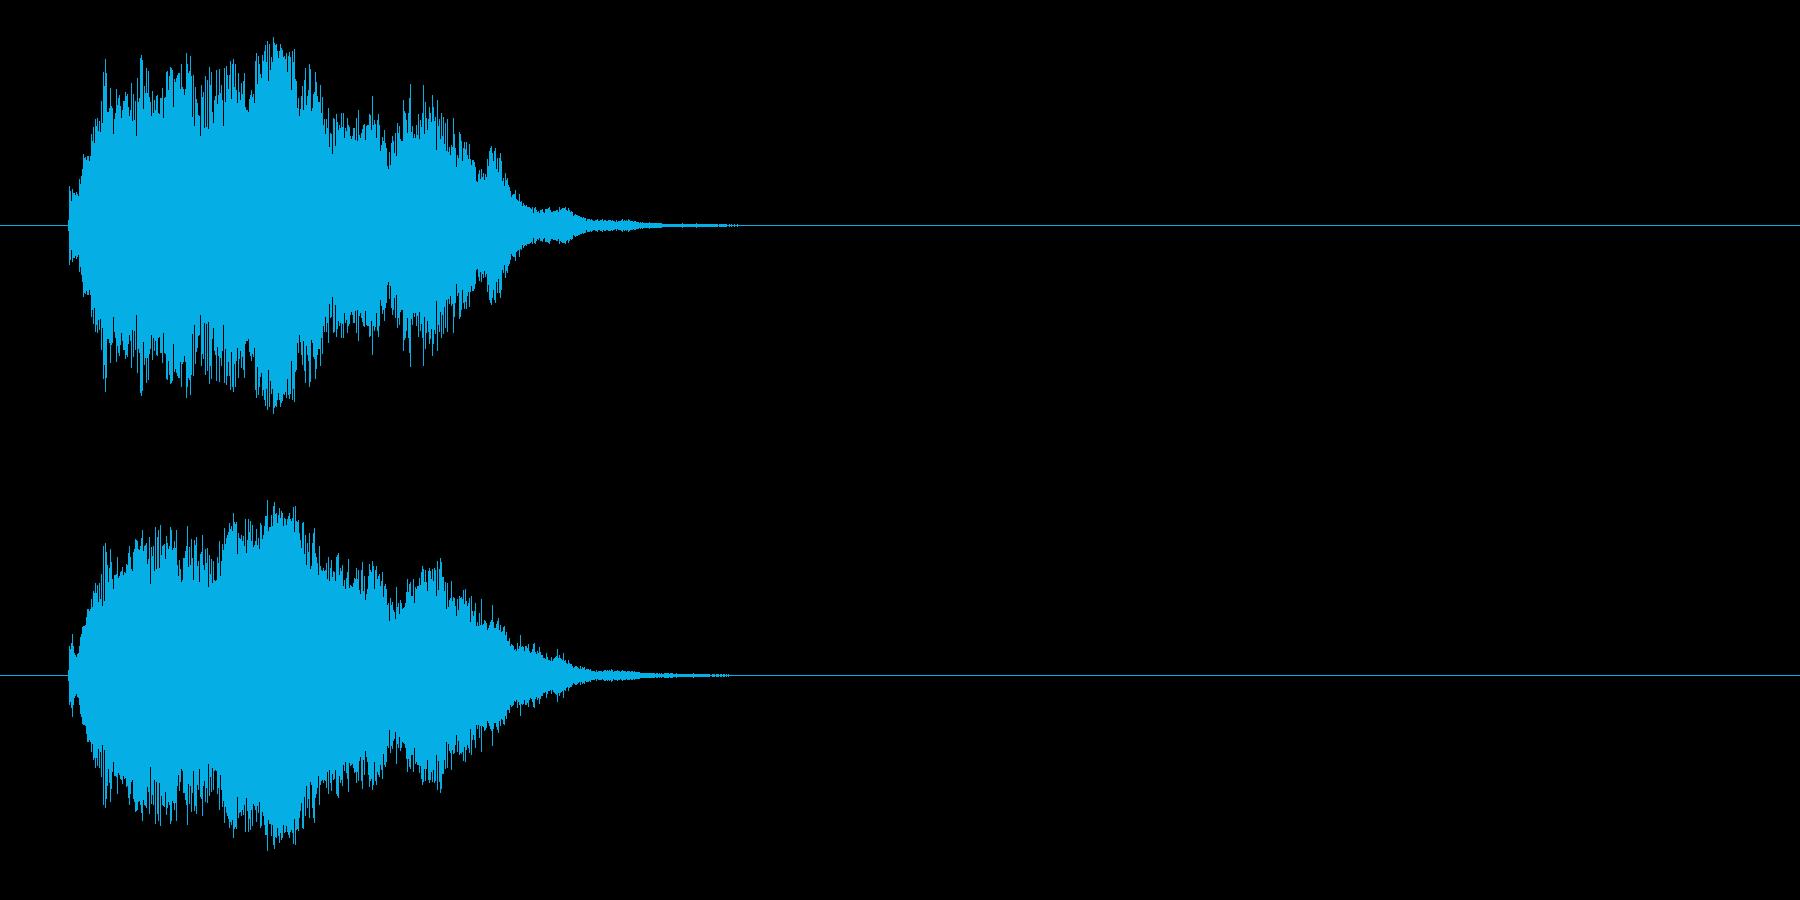 ジングル/SE(爽やか場面転換風)の再生済みの波形